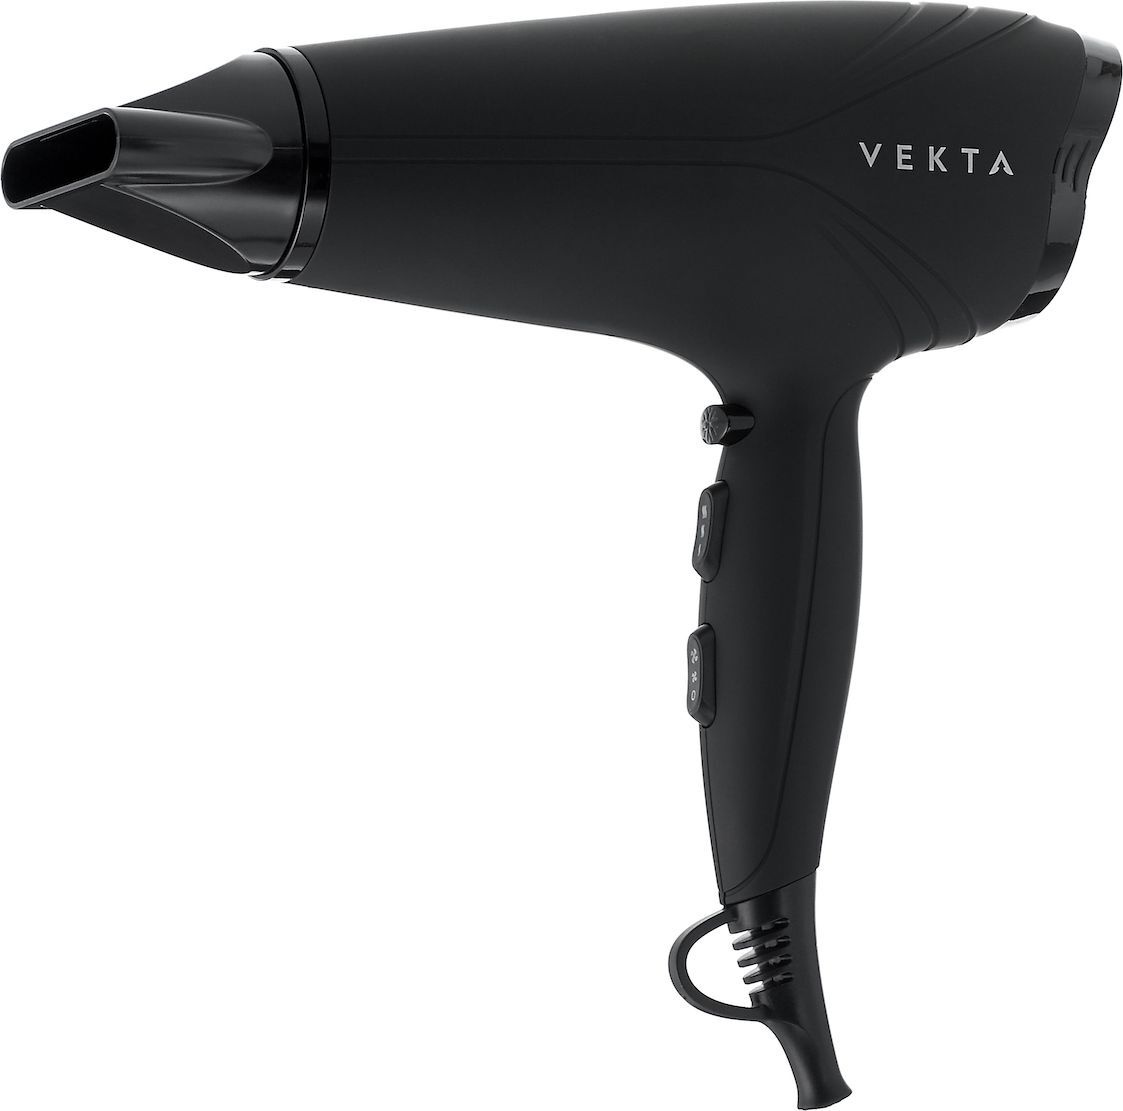 Фен Vekta HDM-2201H, черный #1